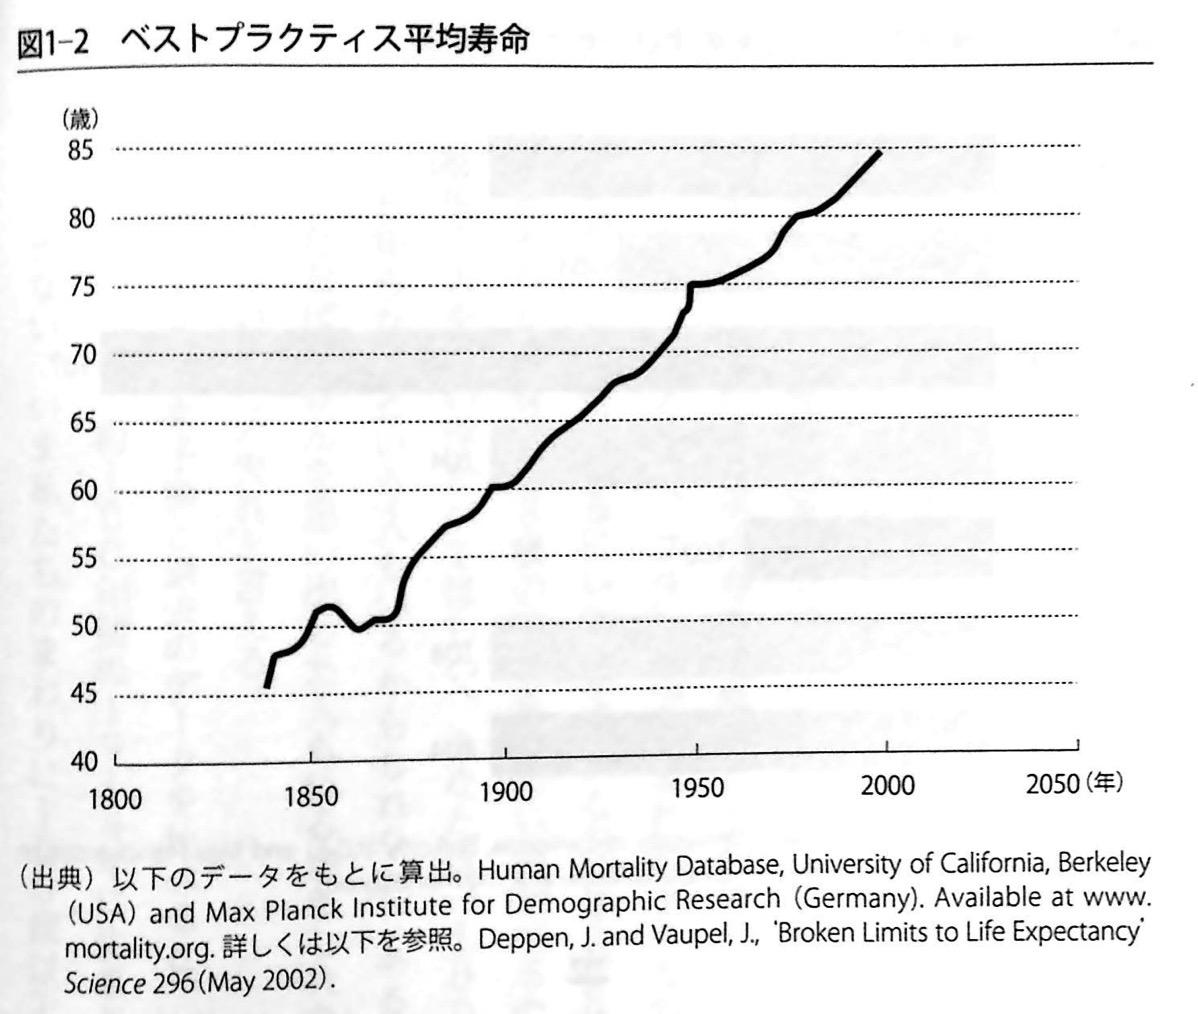 図1-2 ベストプラクティス平均寿命 第1章 P42